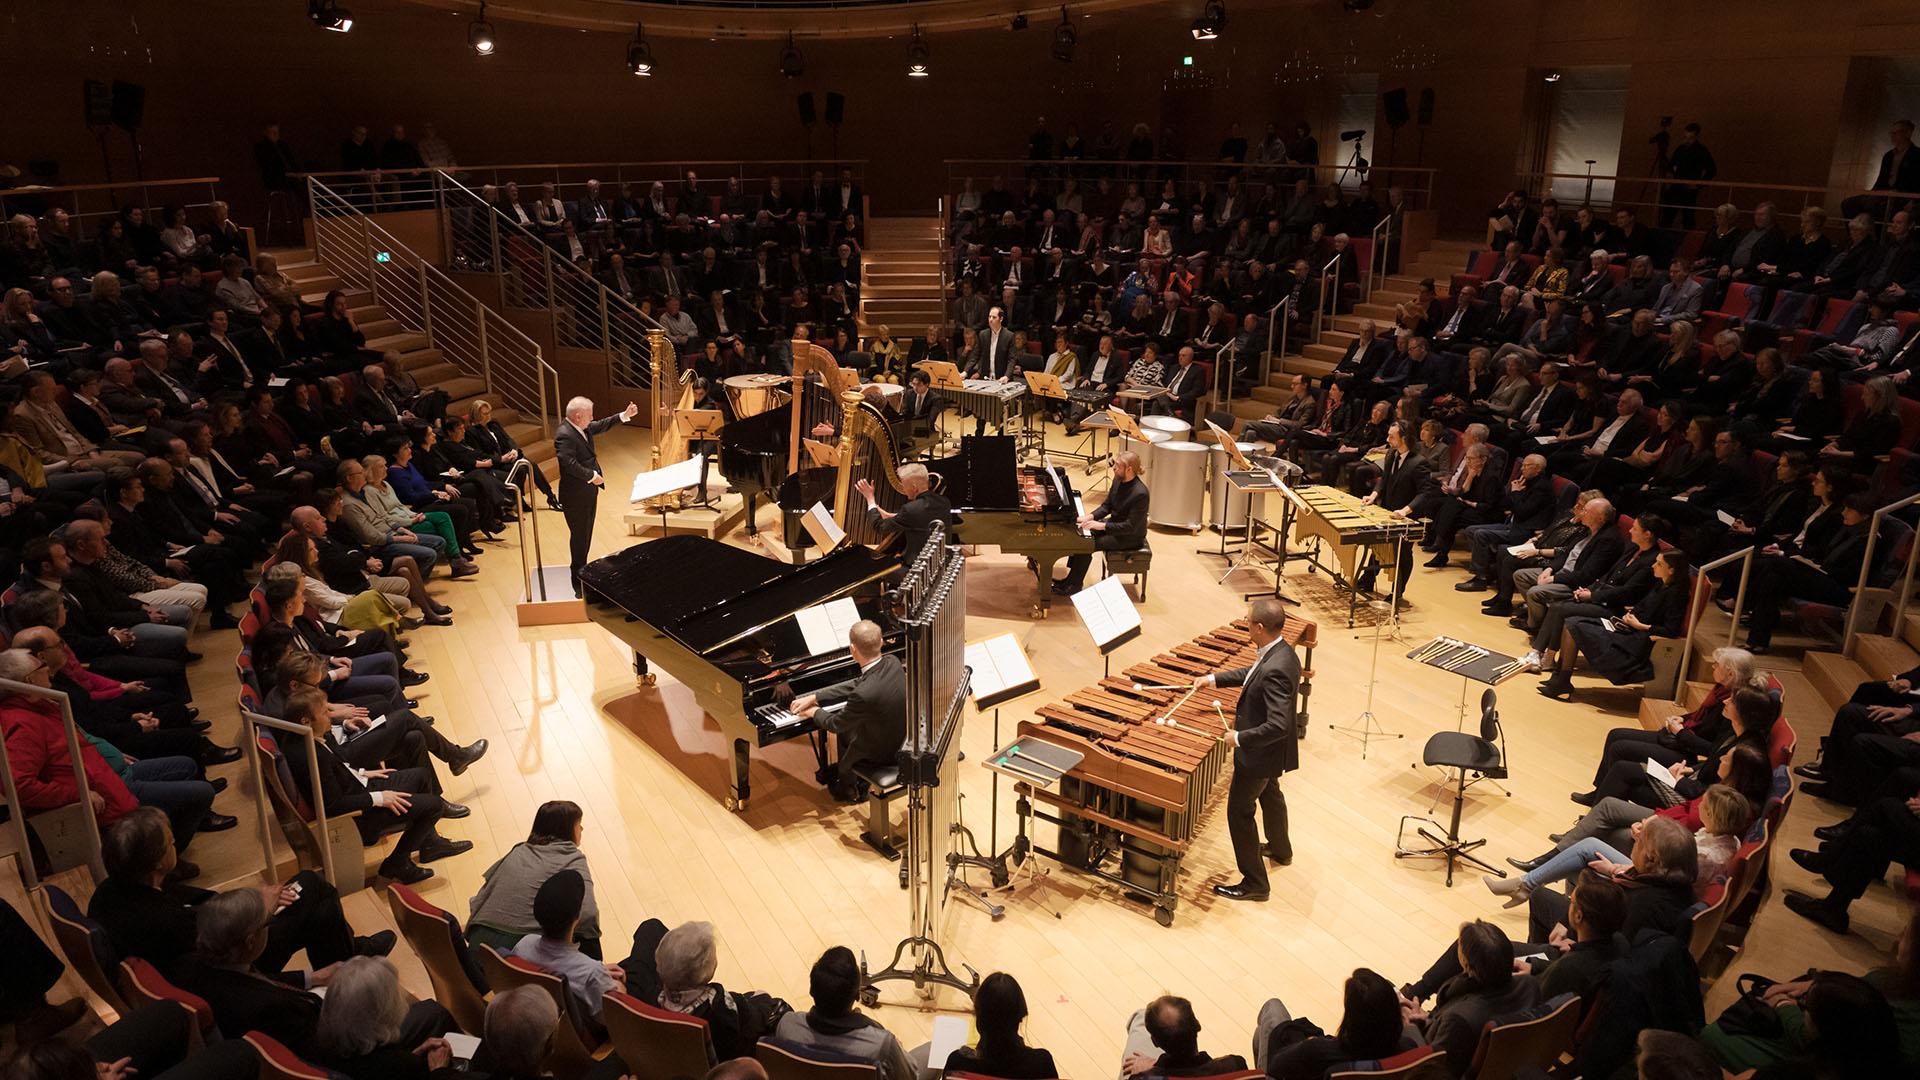 Vista de la Sala Pierre Boulez durante el concierto del 28/02. Foto: © Peter Adamik